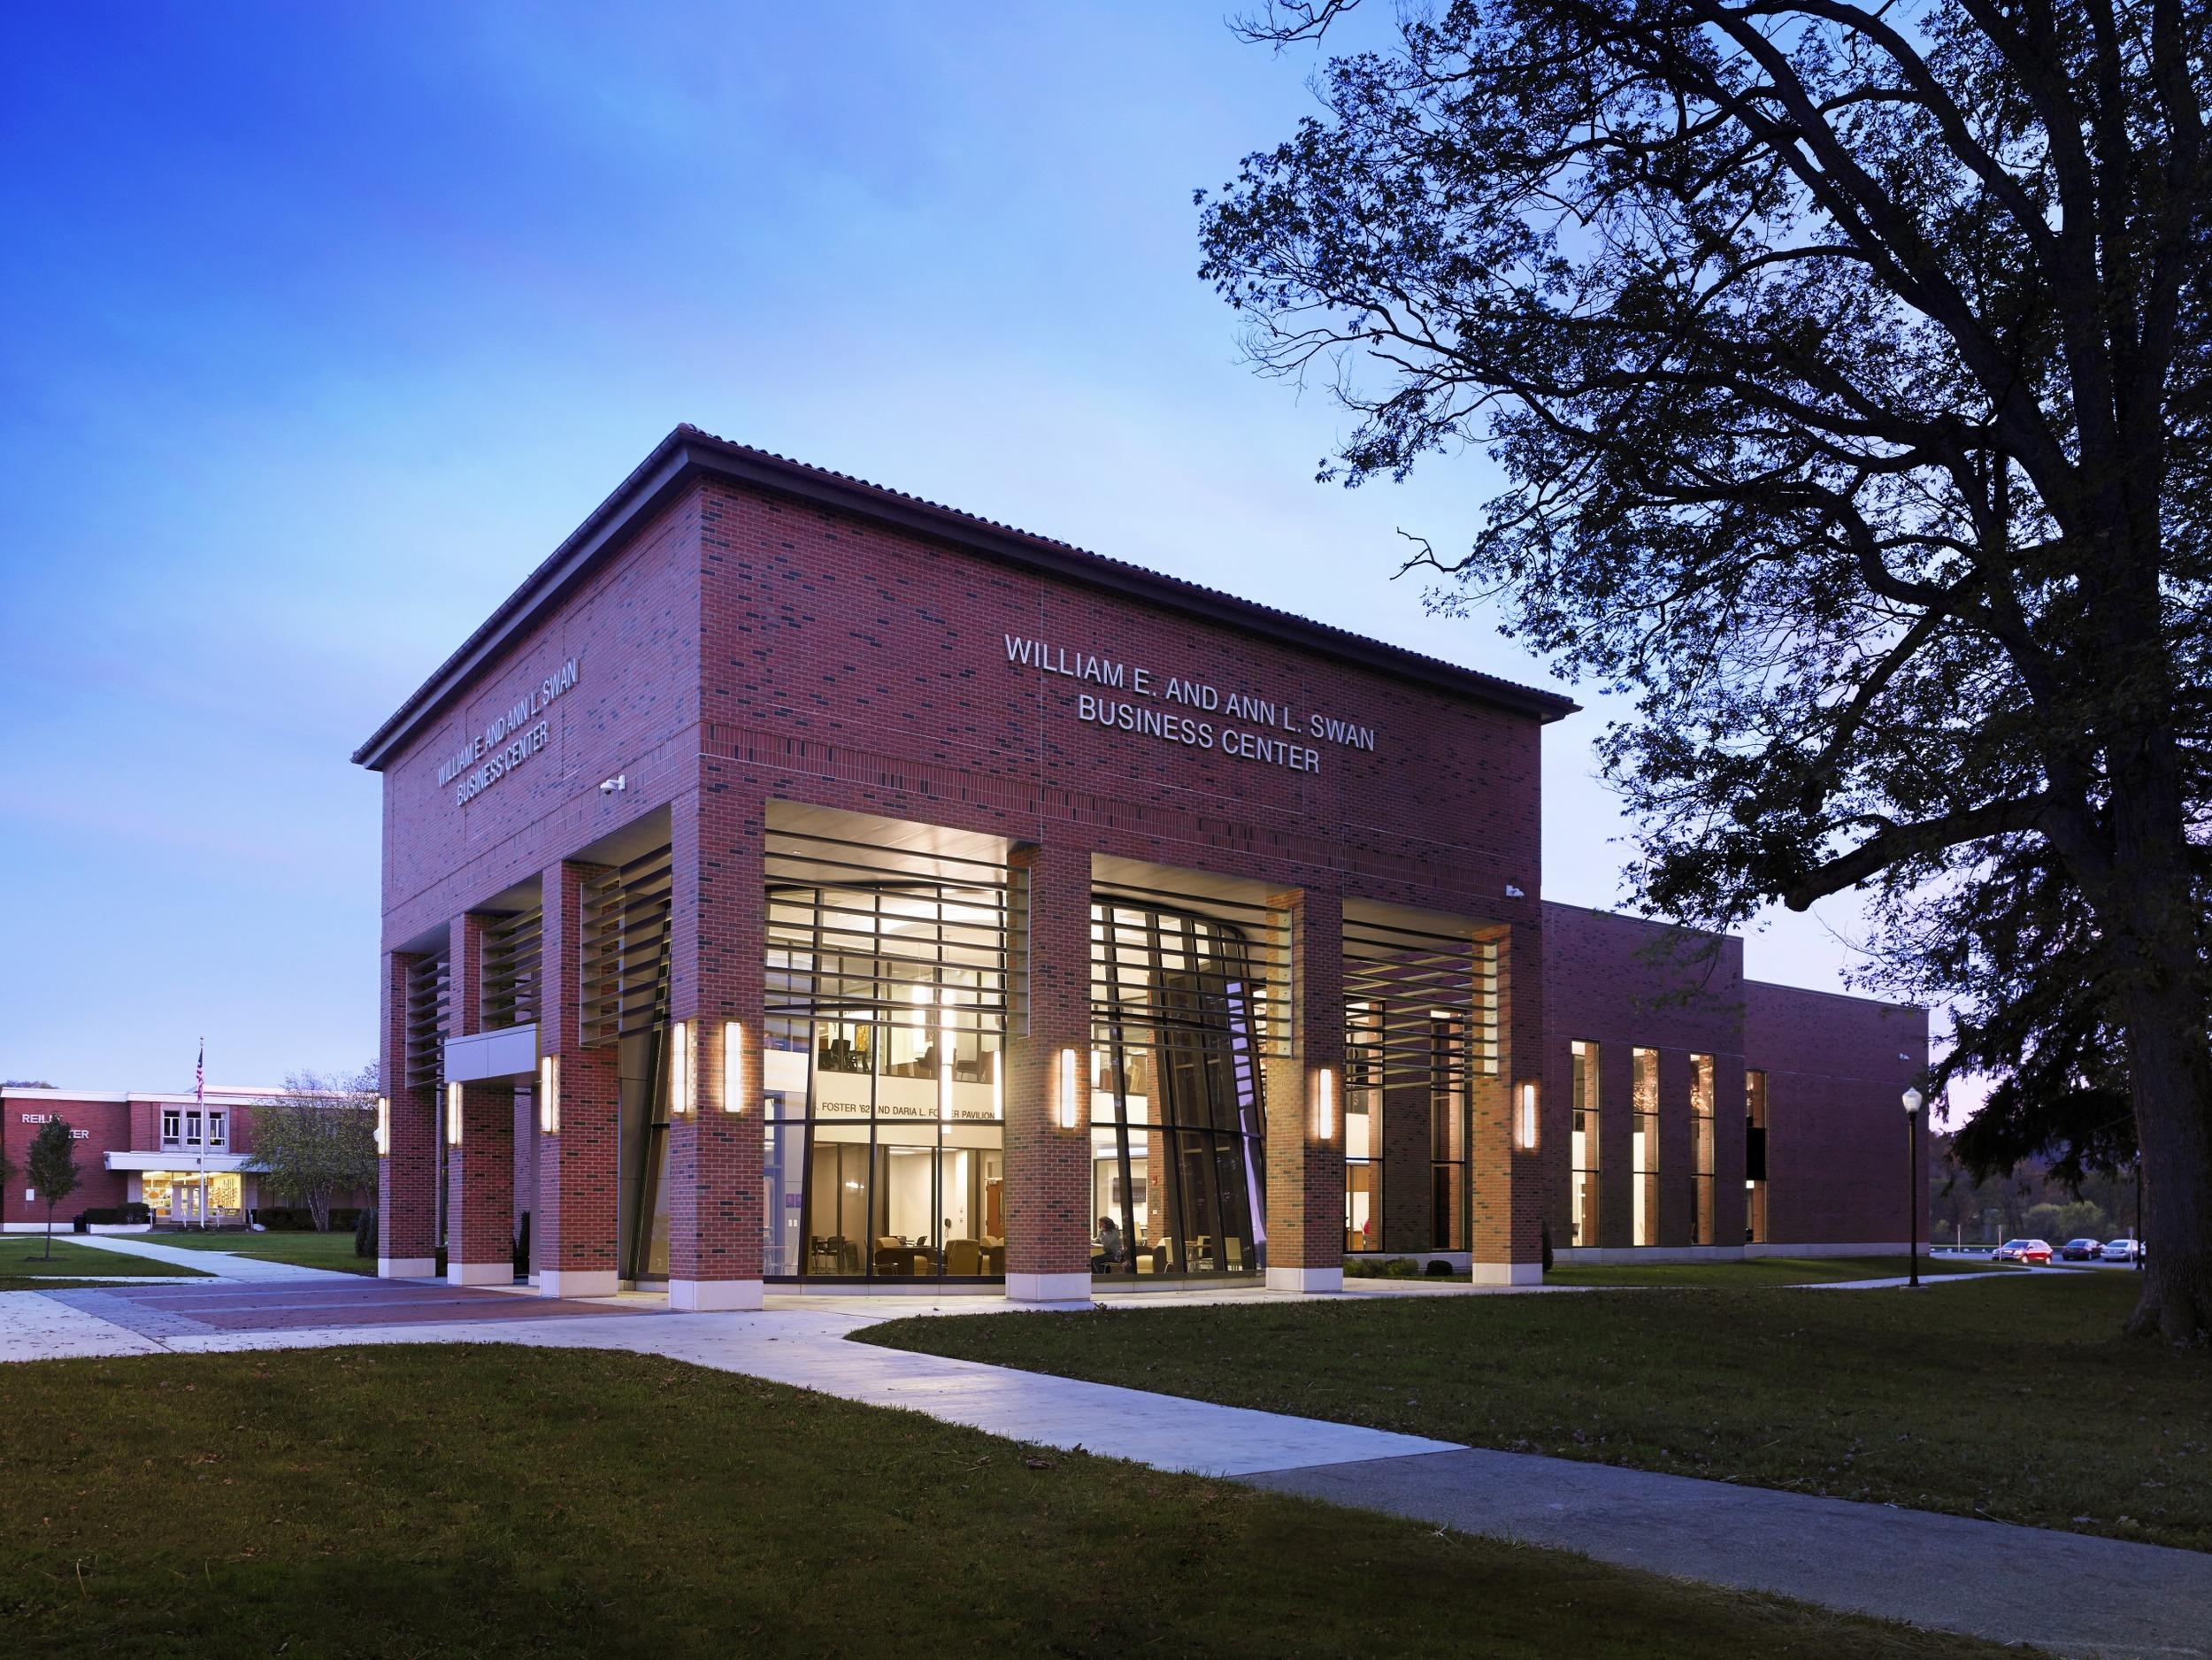 St. Bonaventure University /School of Business